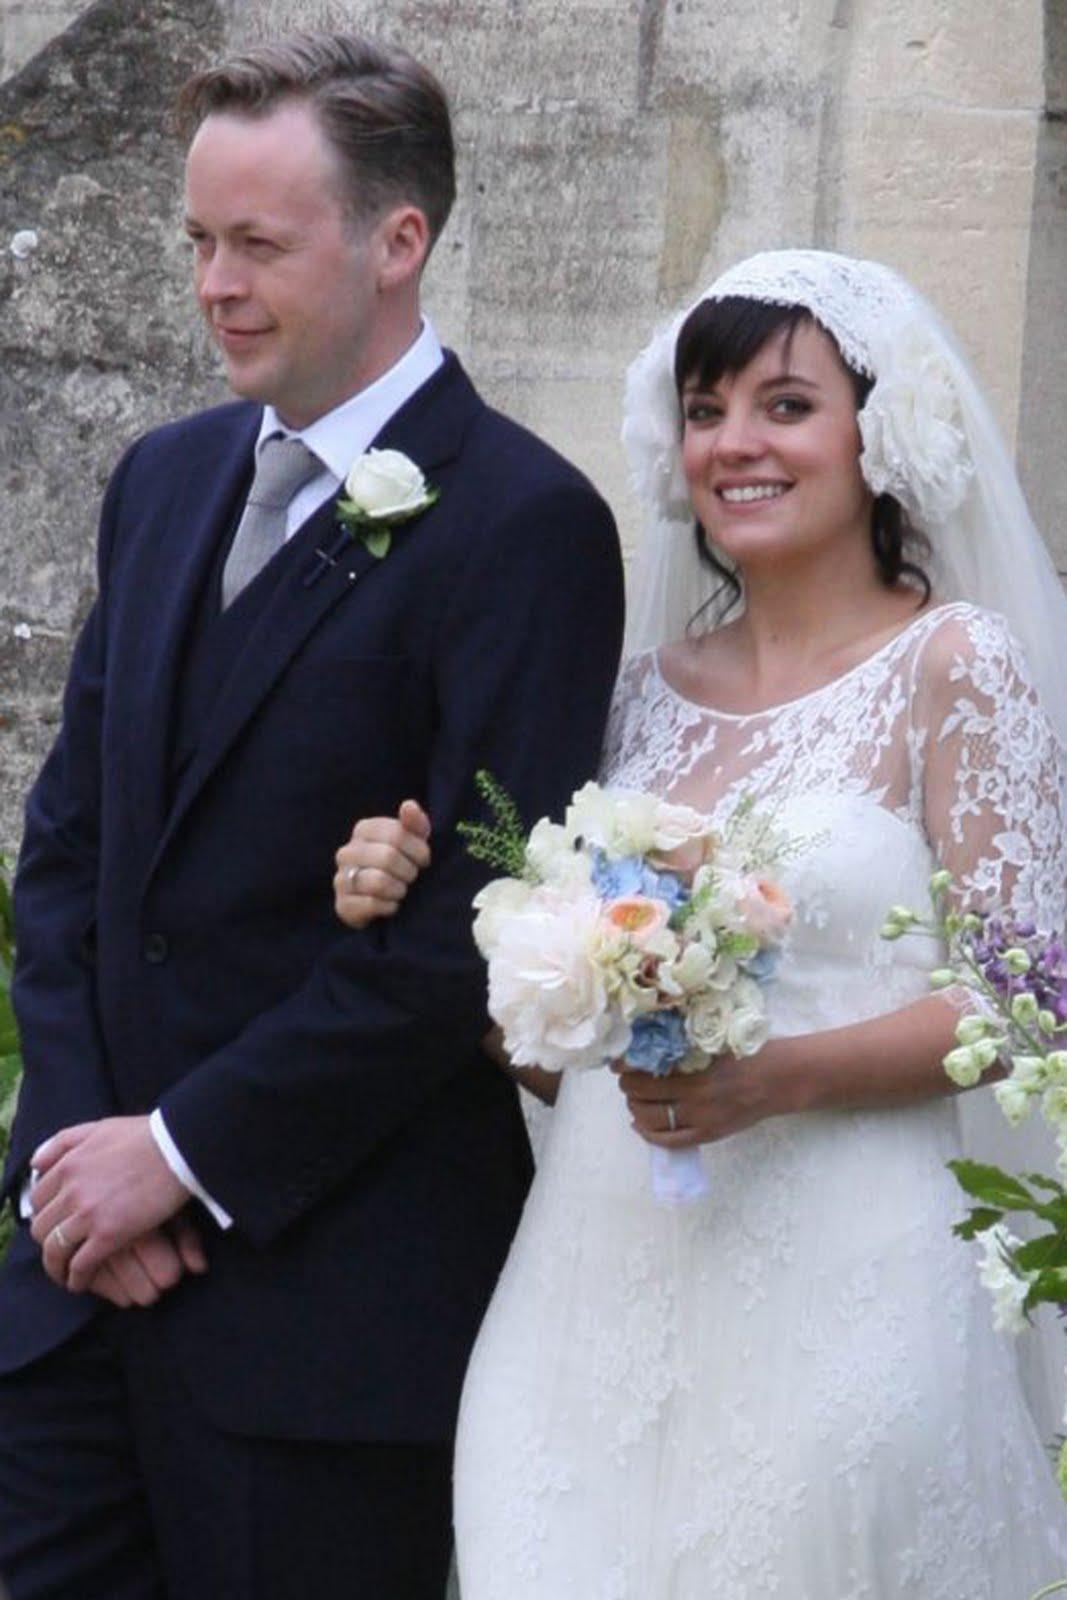 http://1.bp.blogspot.com/-k4smO2NoMIc/TfN5T89K6PI/AAAAAAAAAWQ/HKYuY_VuSSw/s1600/whatwilmywants+lily+allen+wedding.jpg